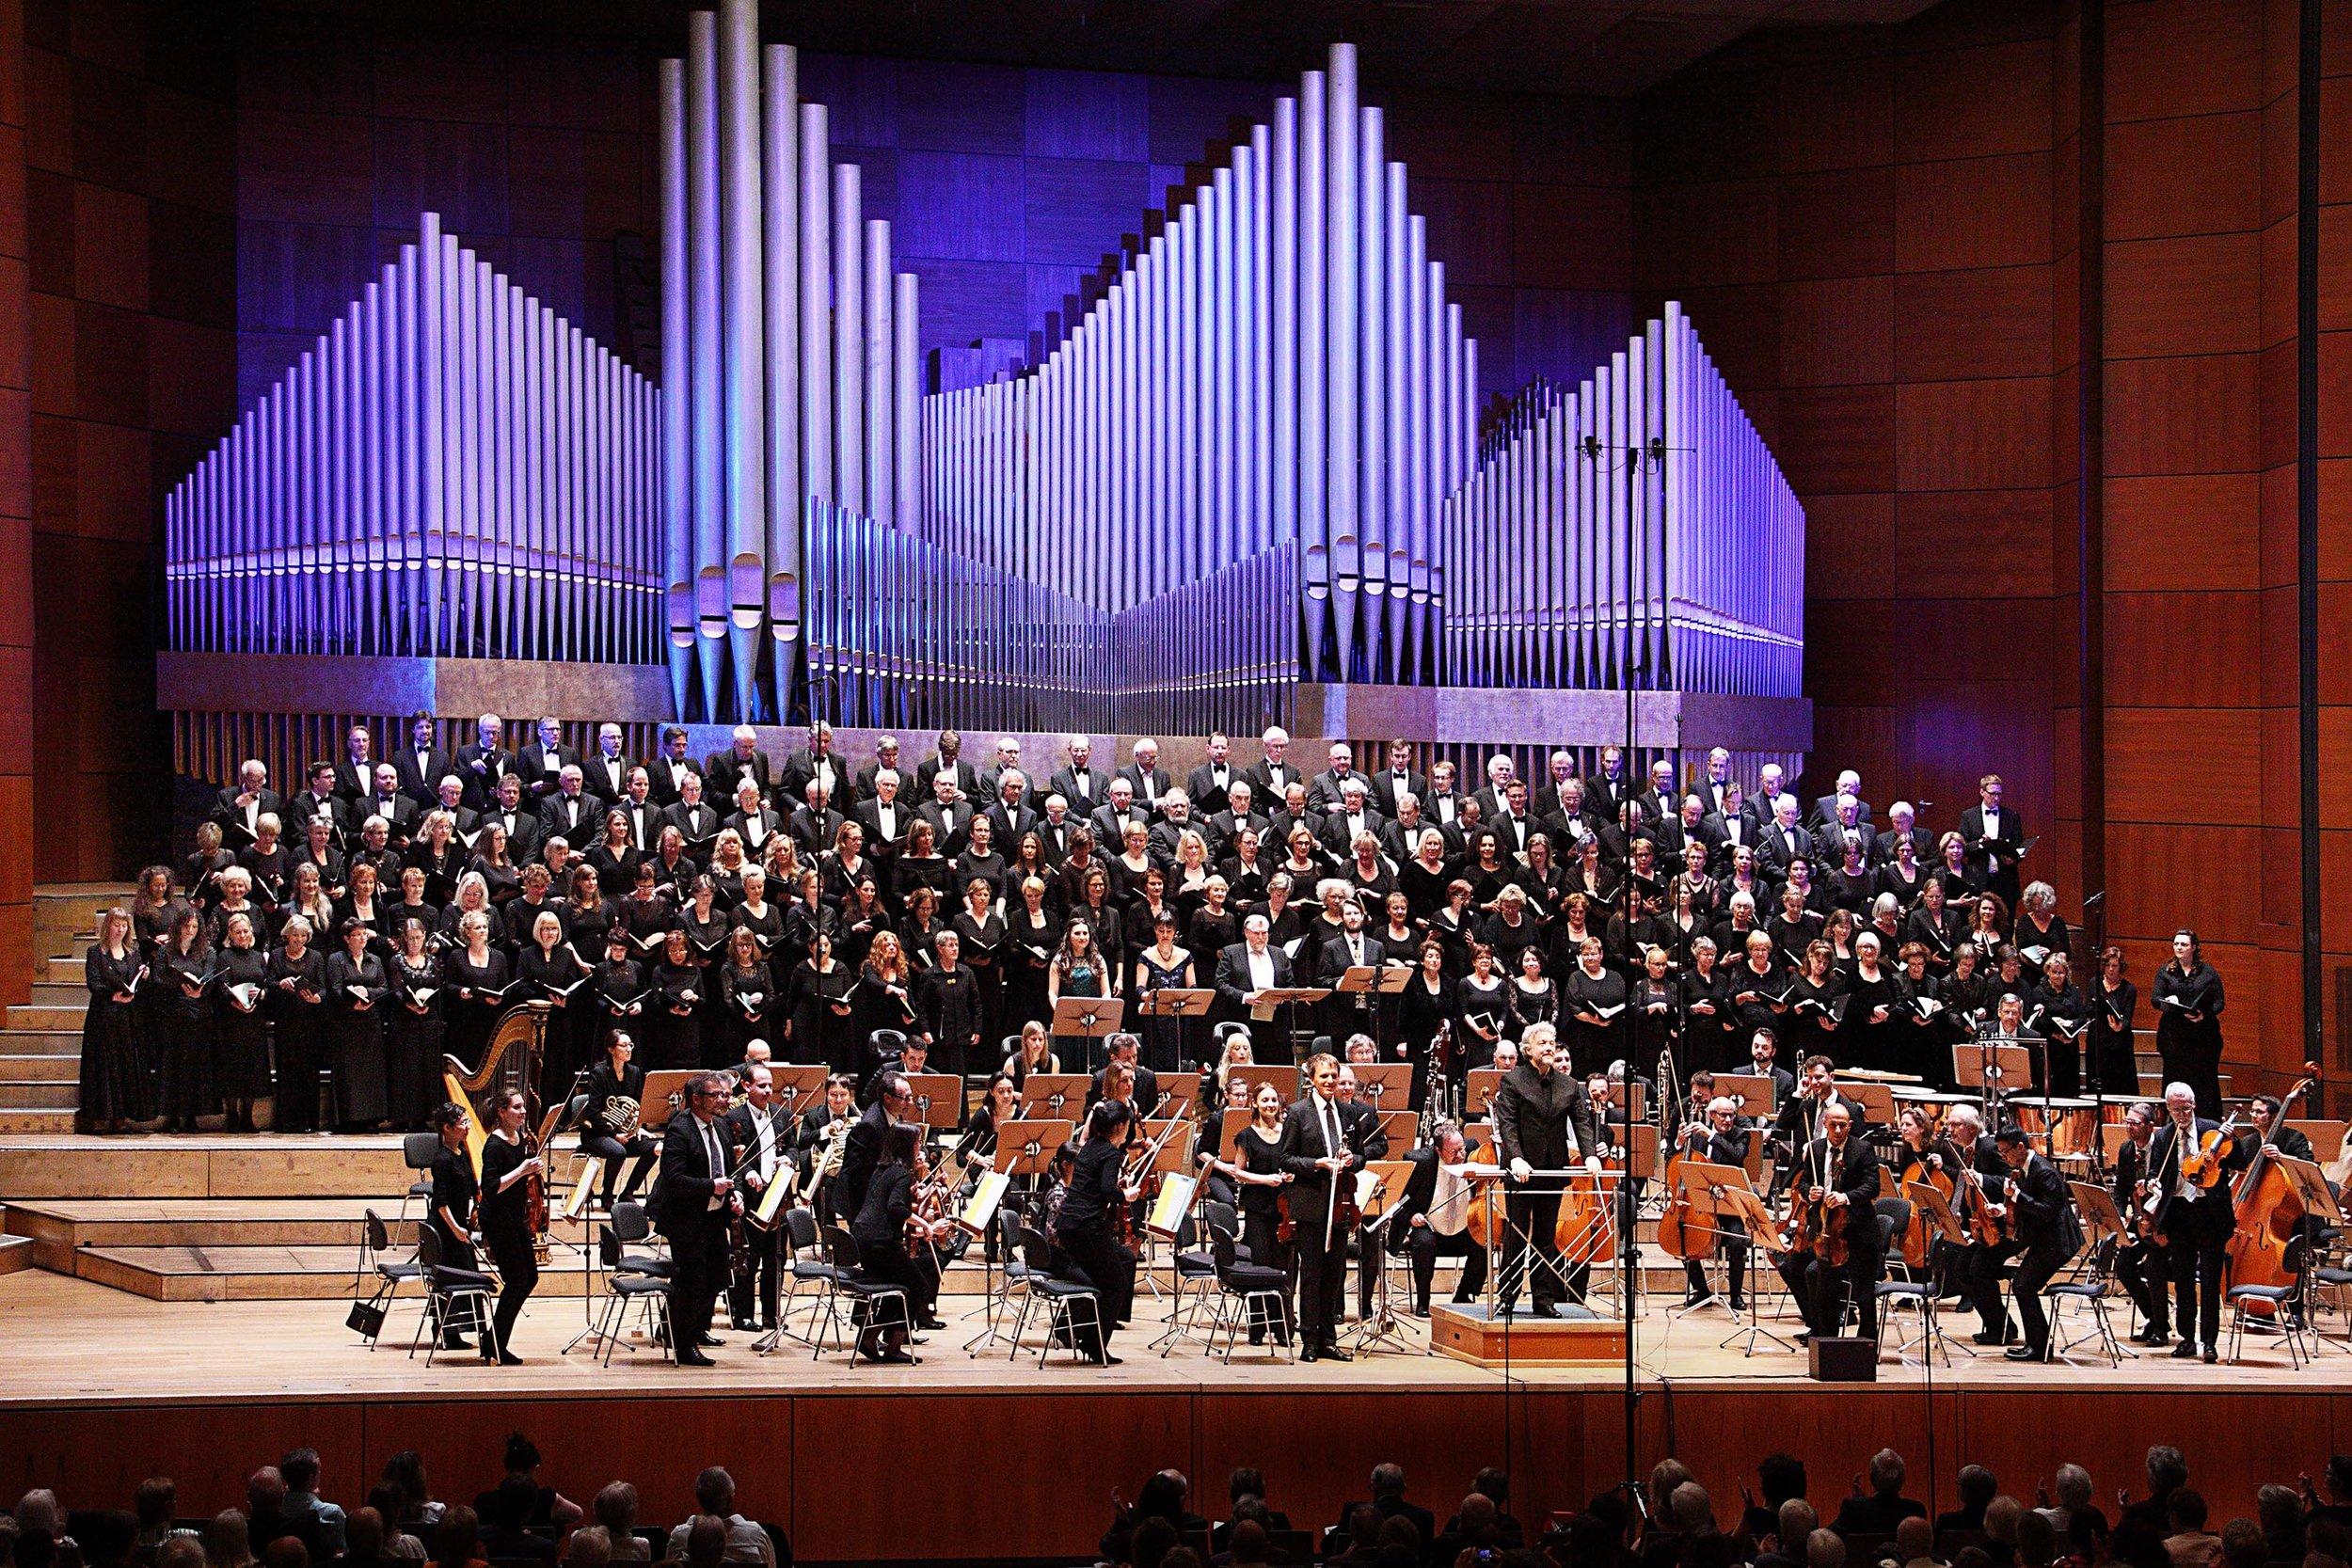 Hans-Sachs-Chor Nürnberg November 2017. Foto: Dorothea Wenzel